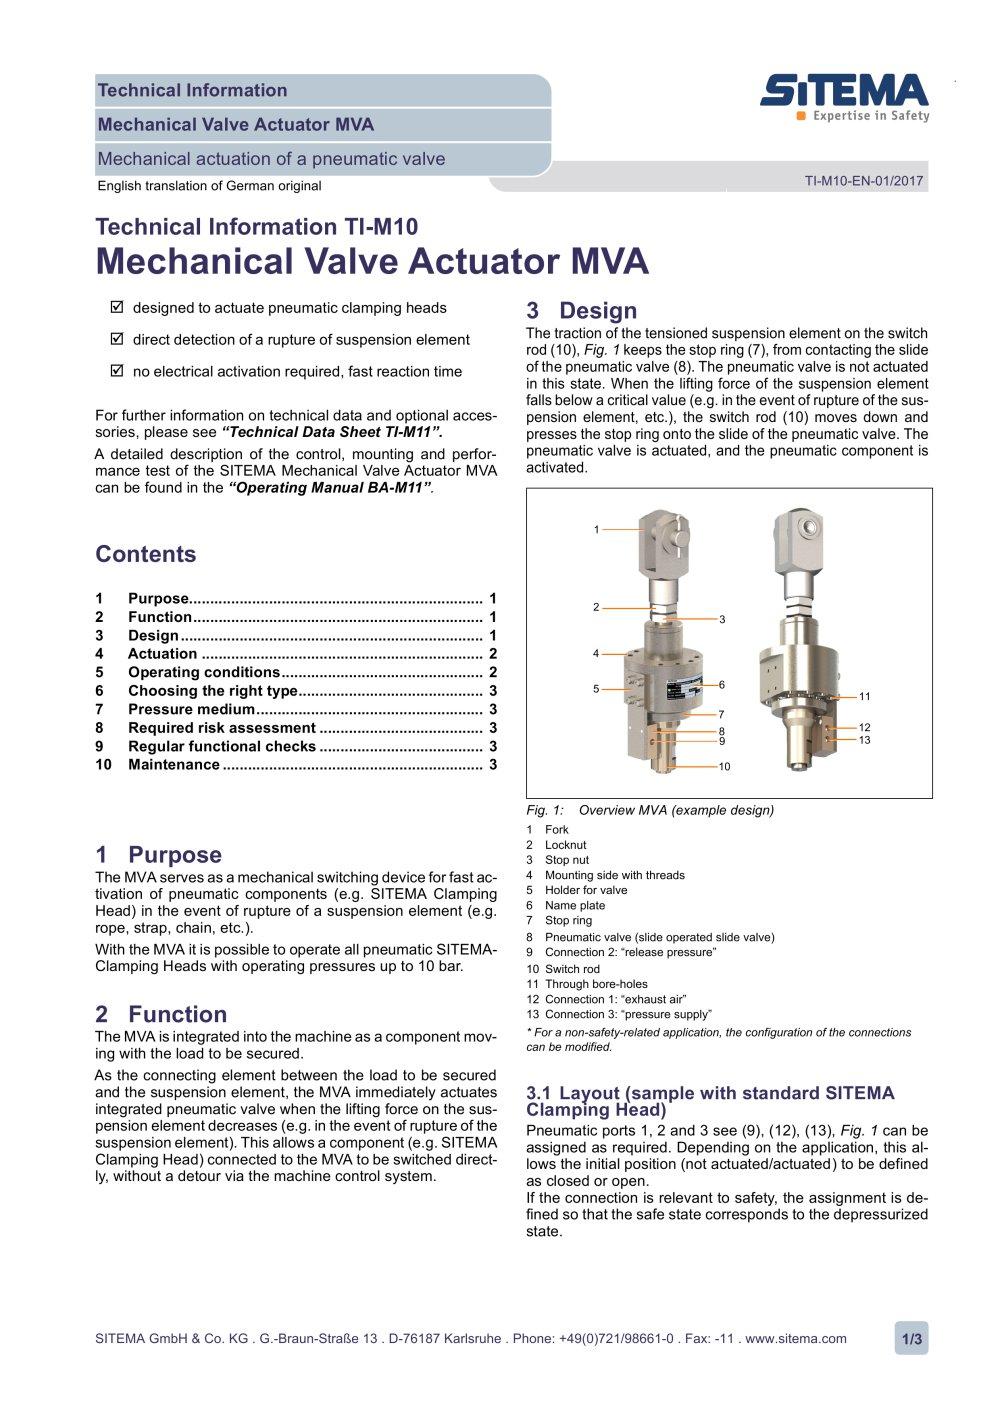 Ti M10 Mechanical Valve Actuator Mva Sitema Pdf Catalogue